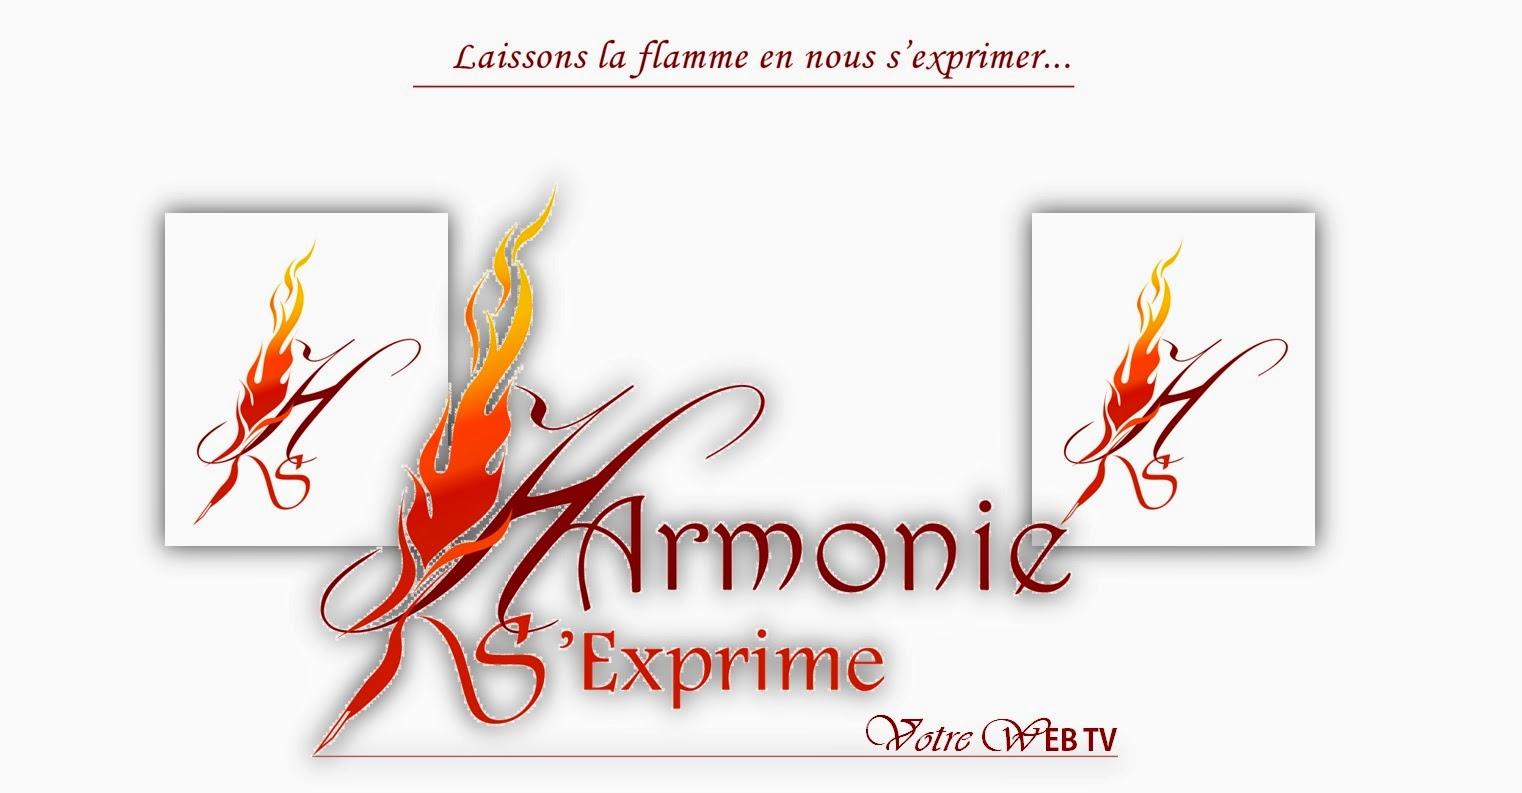 Harmonie s'exprime